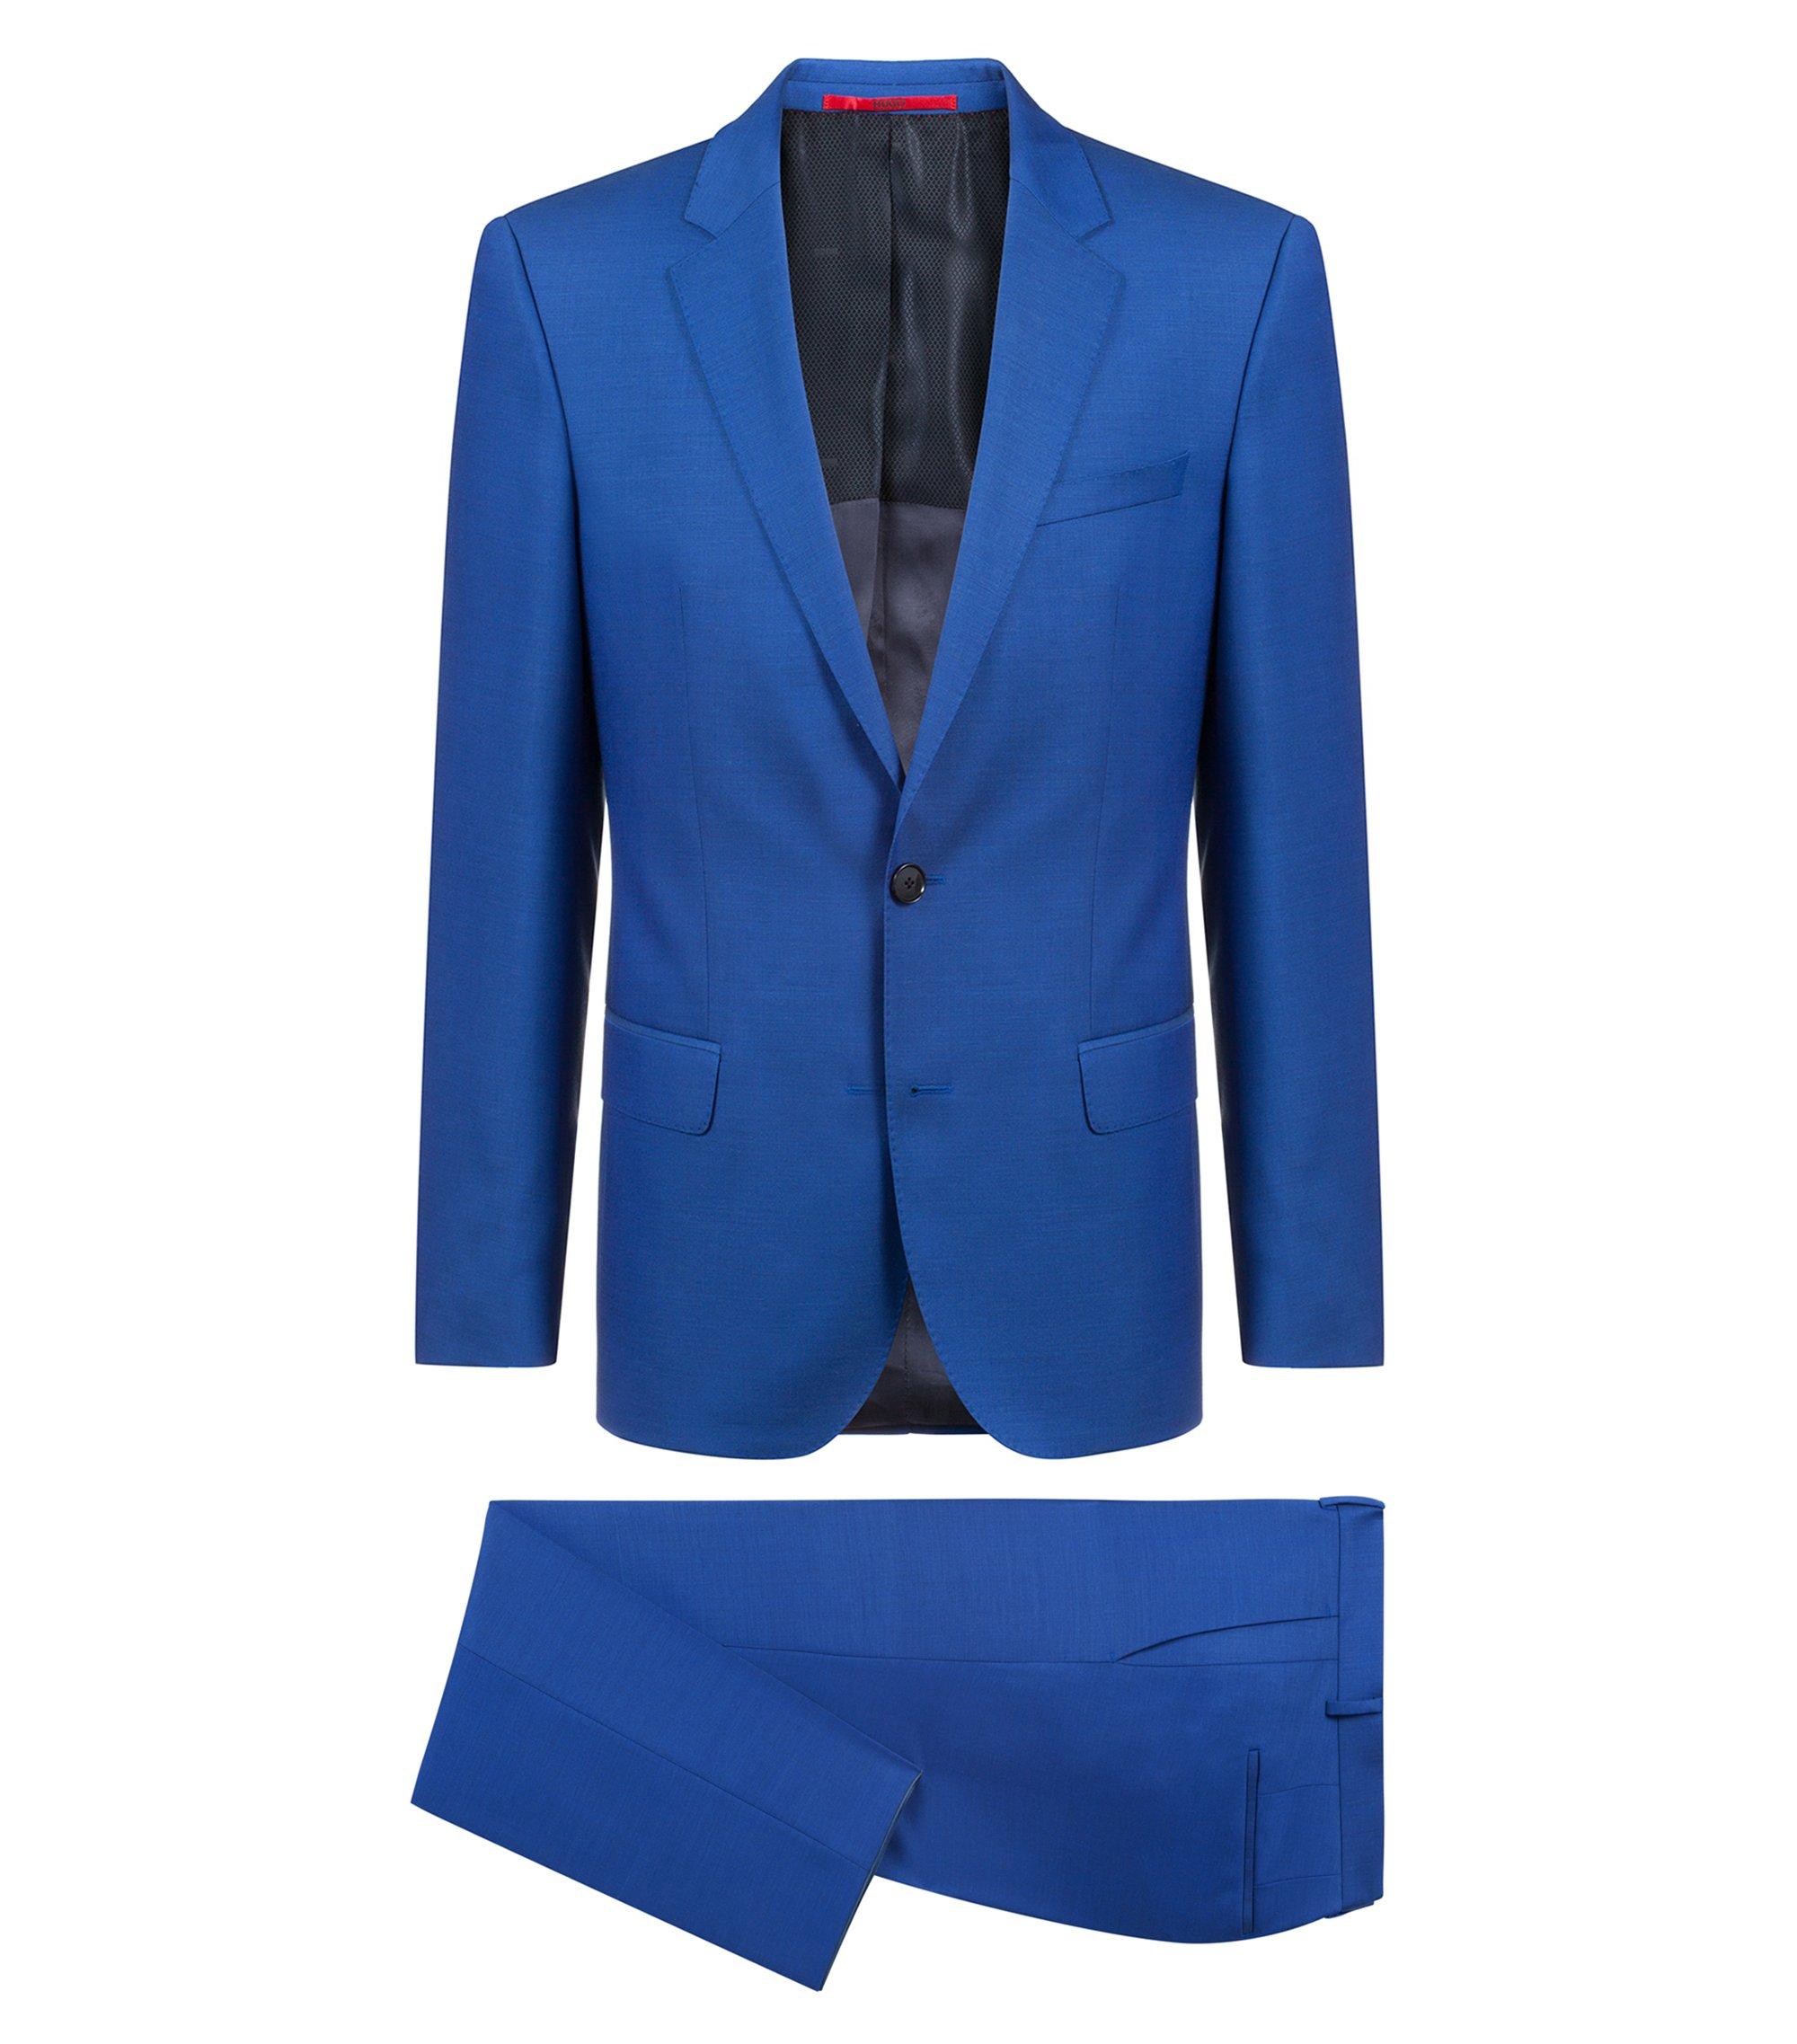 Abito slim fit in lana vergine lavorata realizzata in Italia, Blu